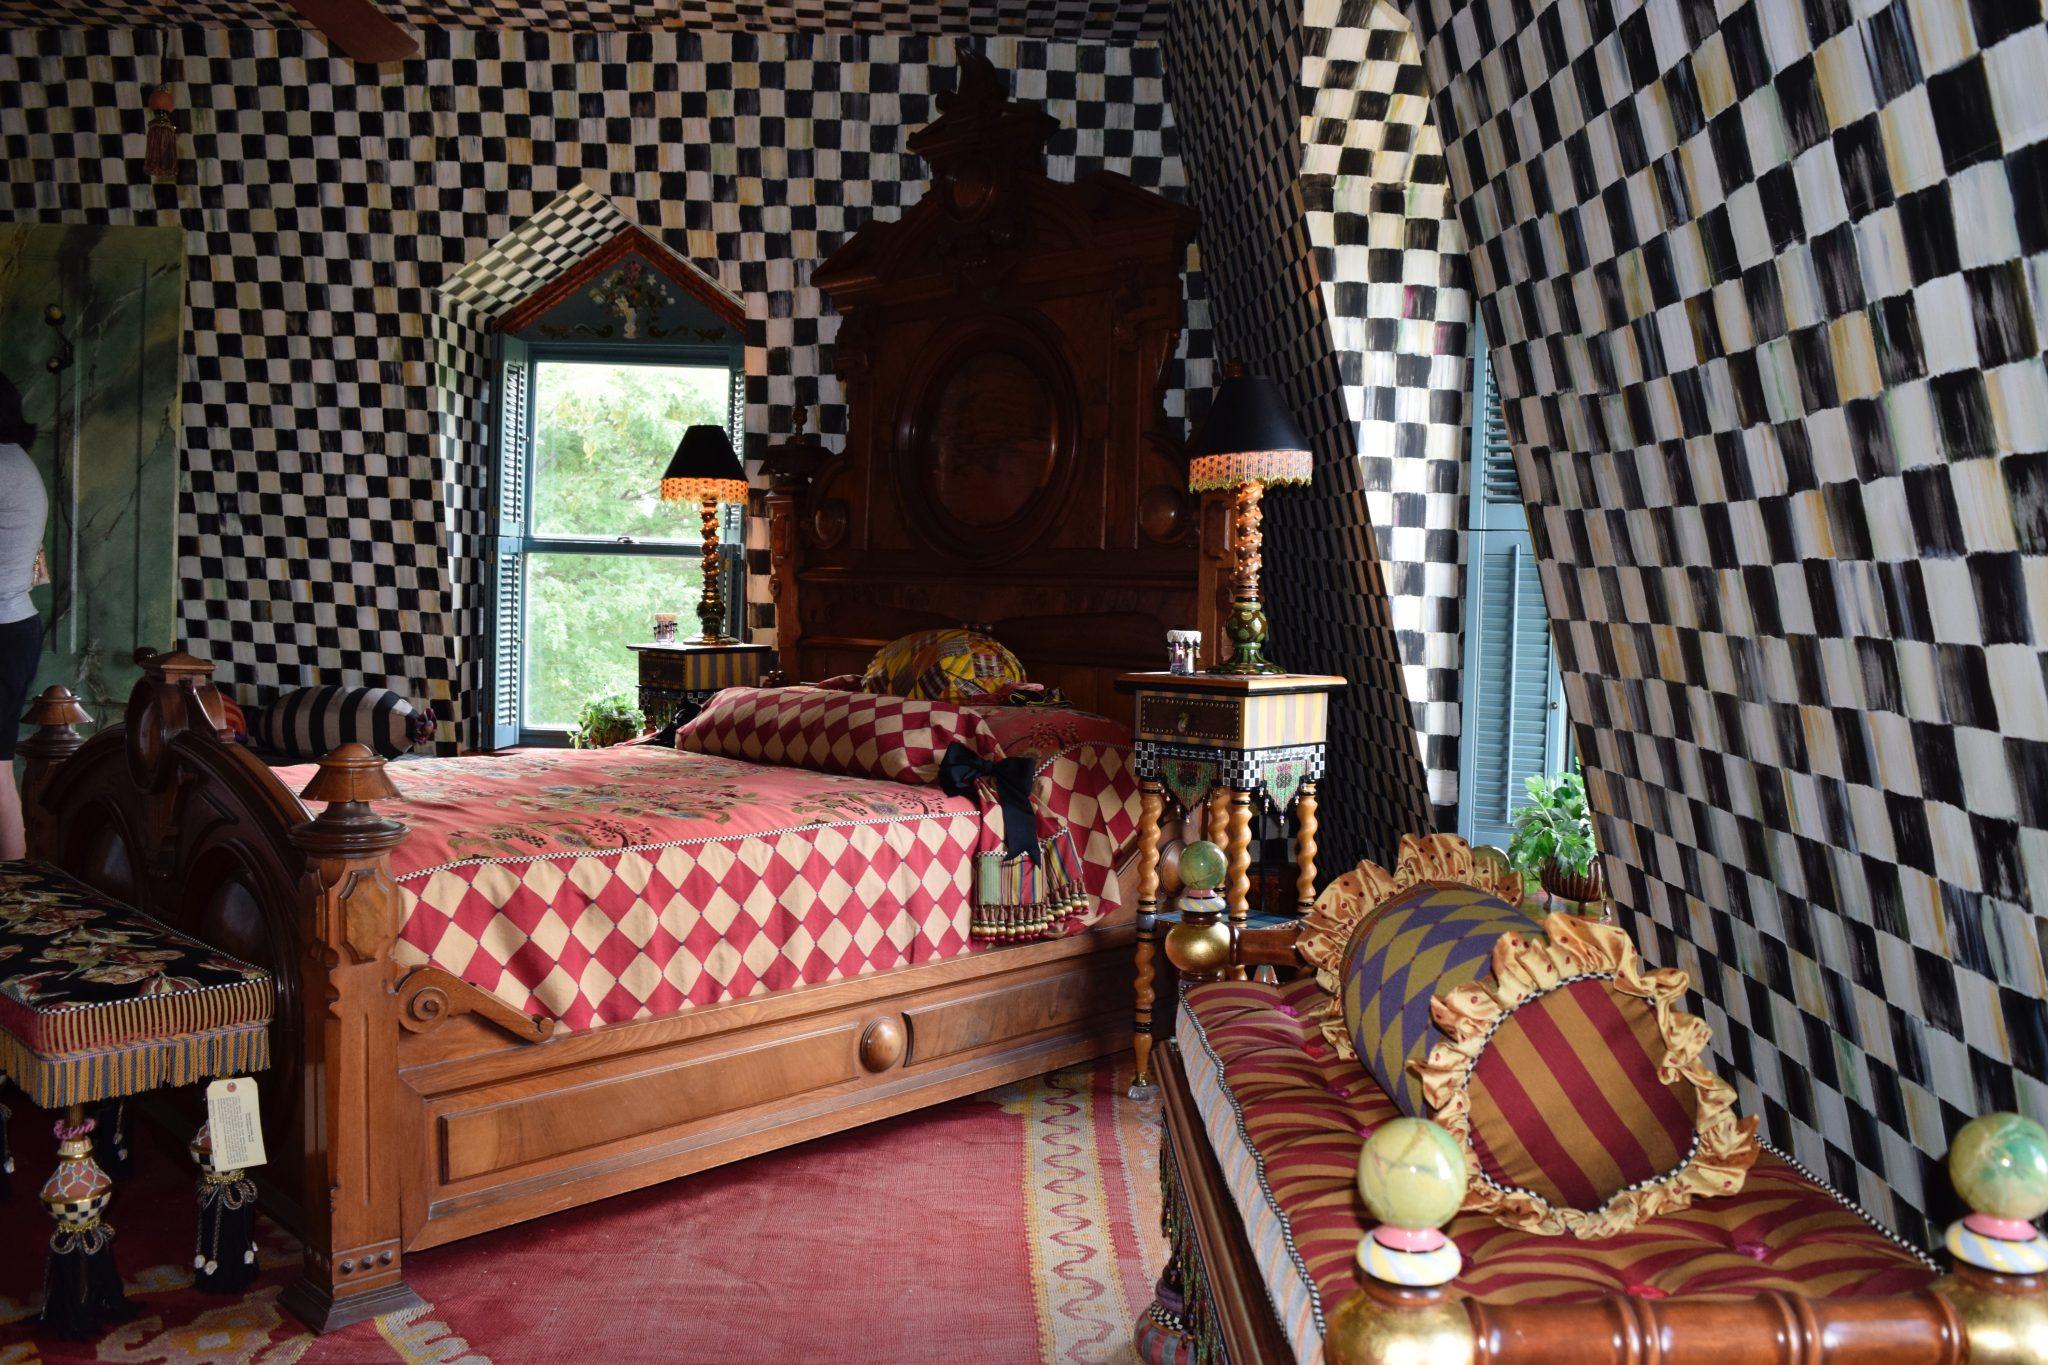 Hgtv Bedroom Inspiration